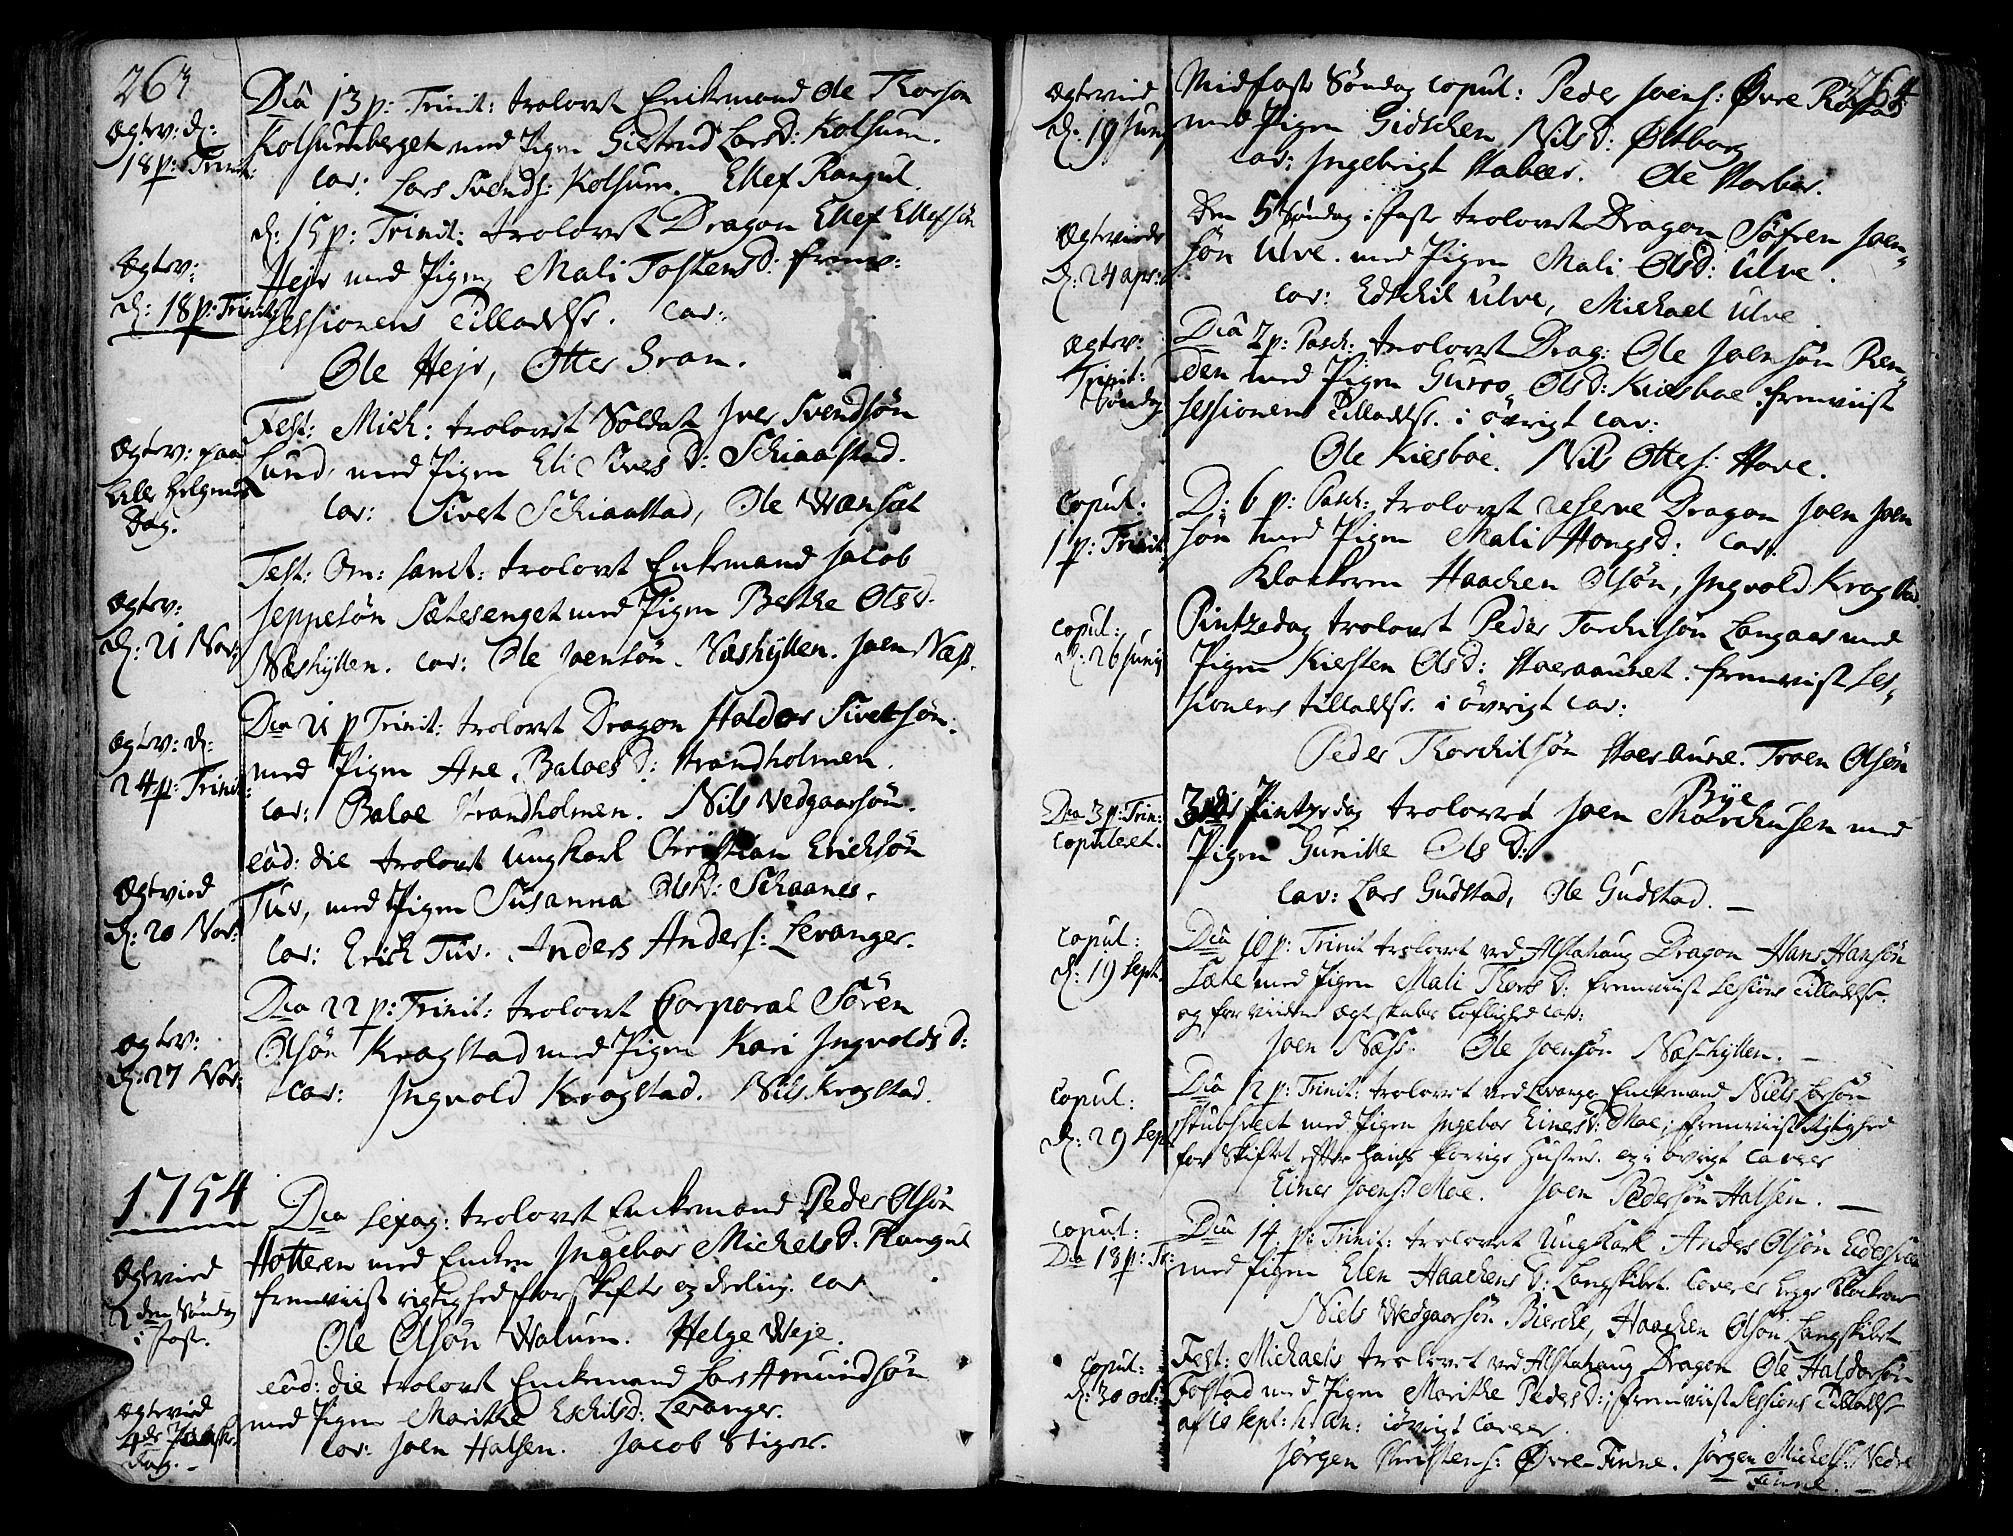 SAT, Ministerialprotokoller, klokkerbøker og fødselsregistre - Nord-Trøndelag, 717/L0141: Ministerialbok nr. 717A01, 1747-1803, s. 263-264